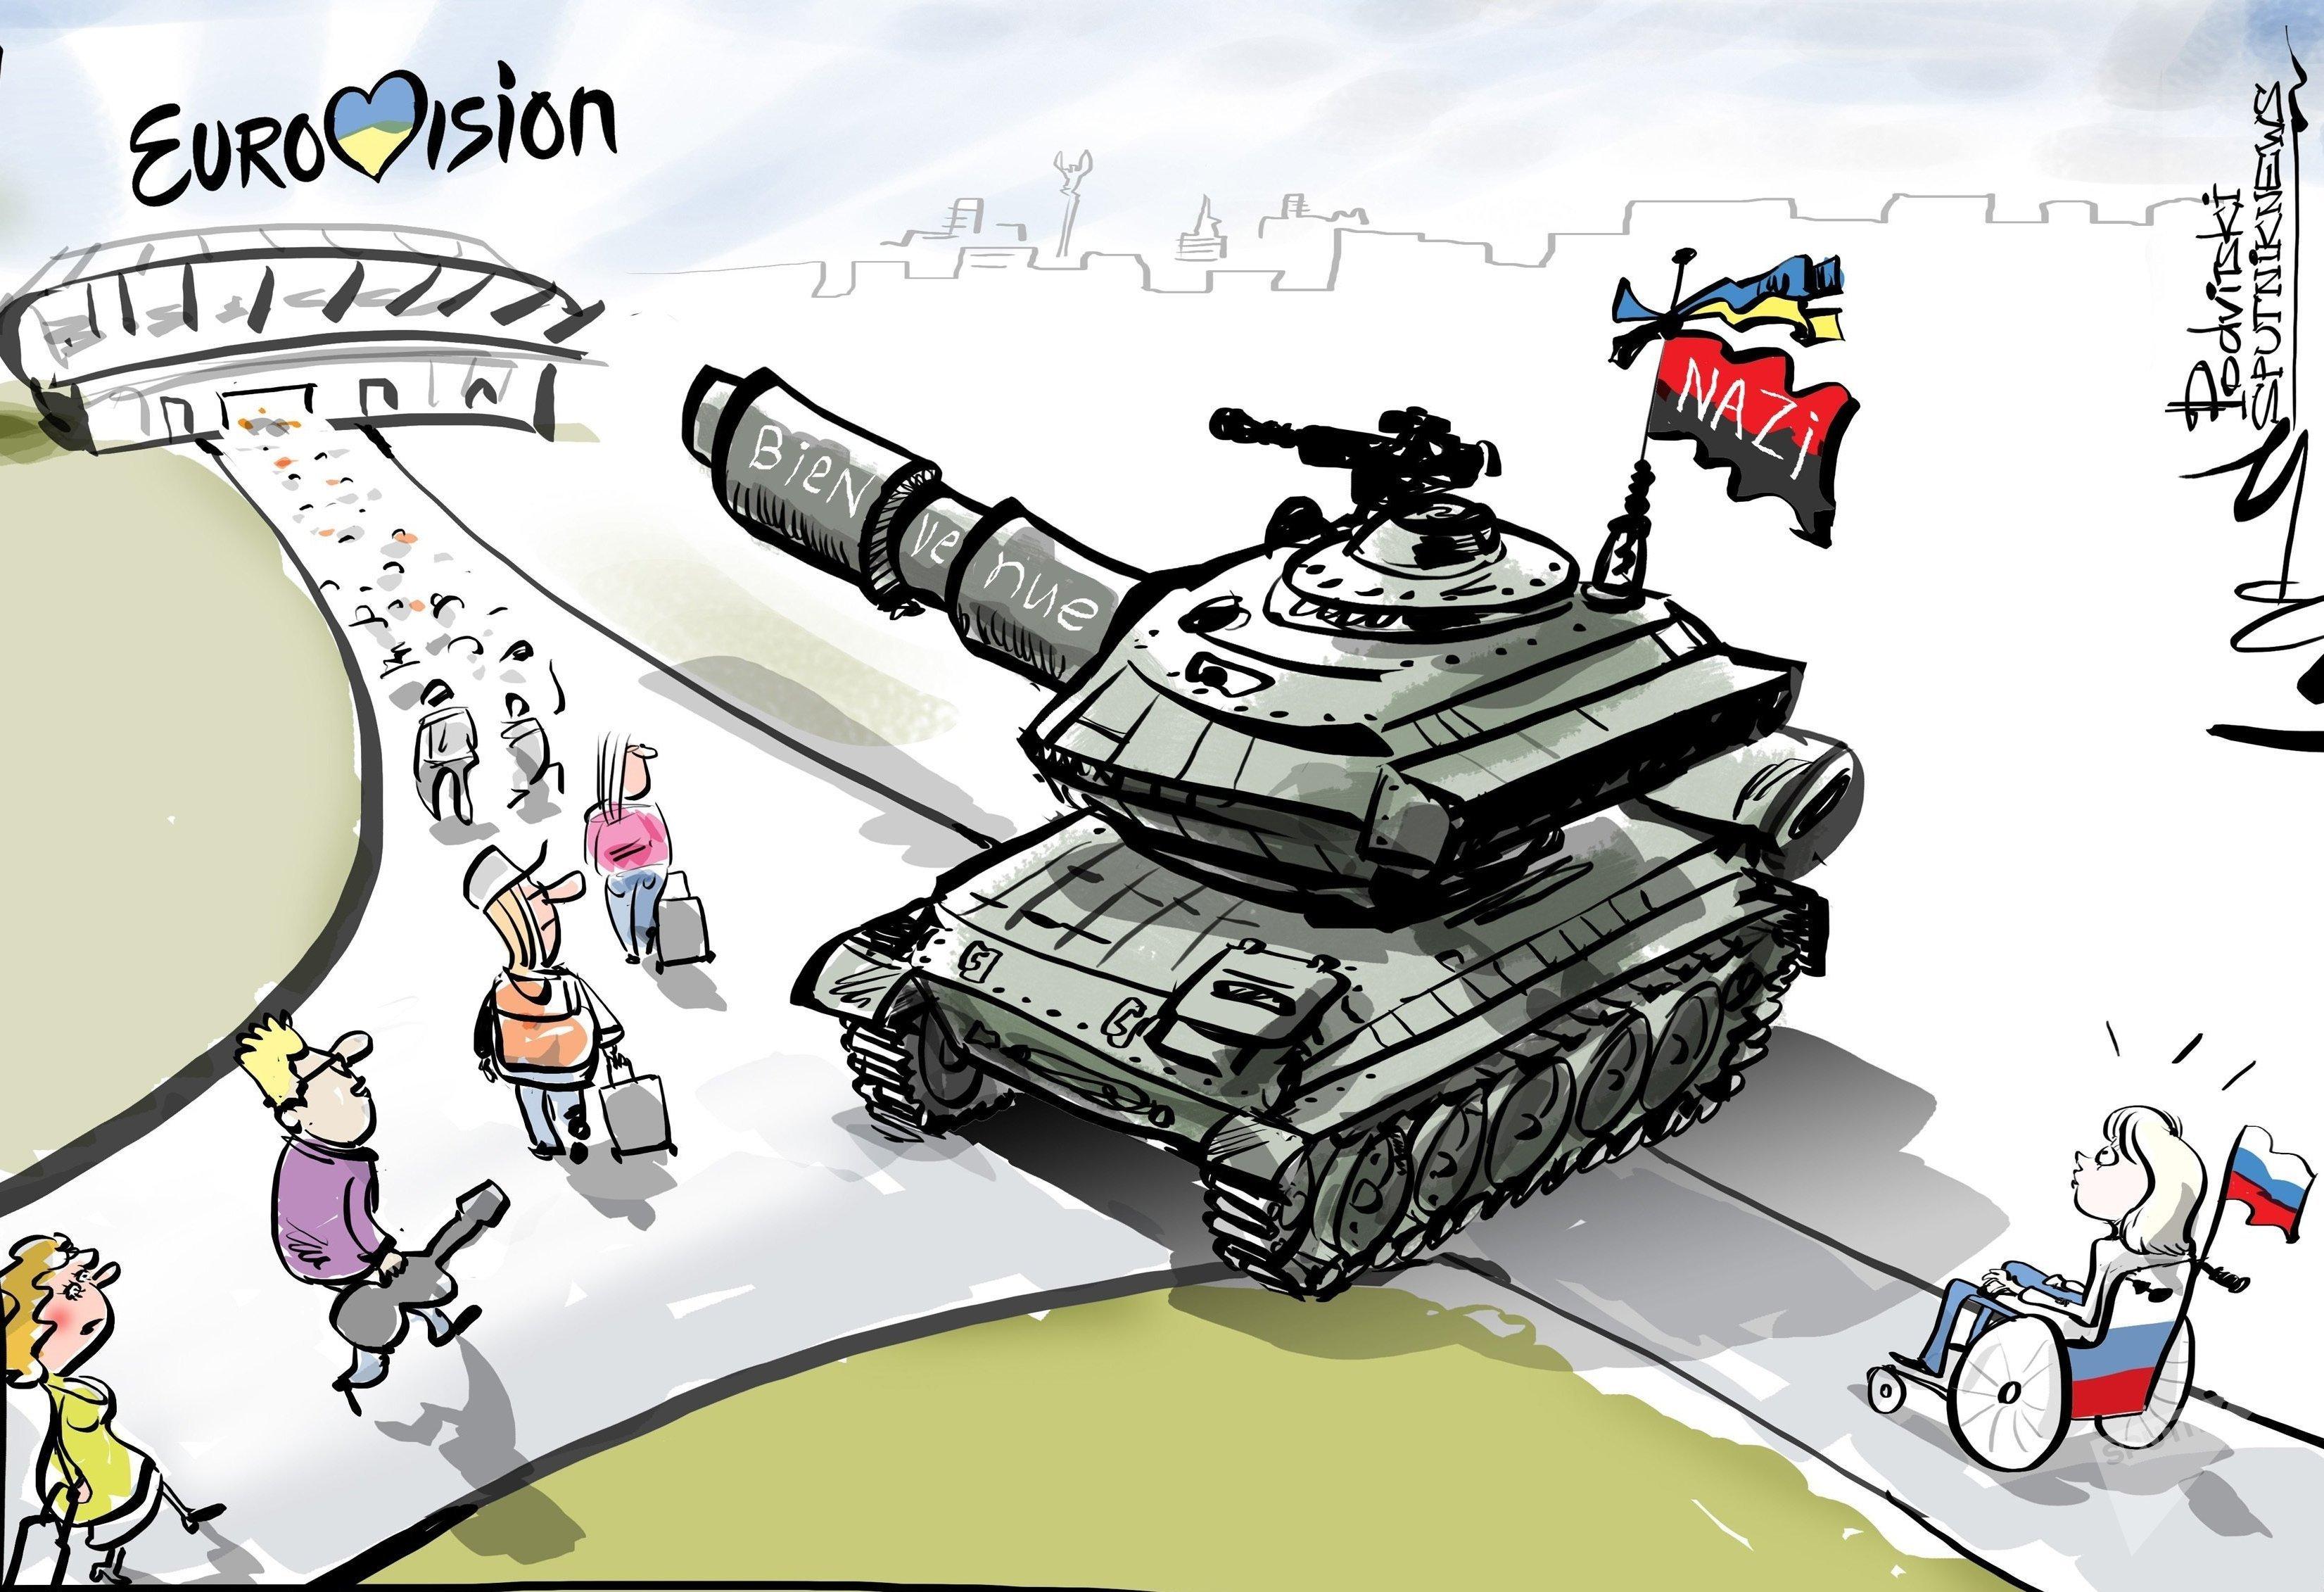 Eurovision: la candidate russe interdite en Ukraine, Moscou veut boycotter le concours